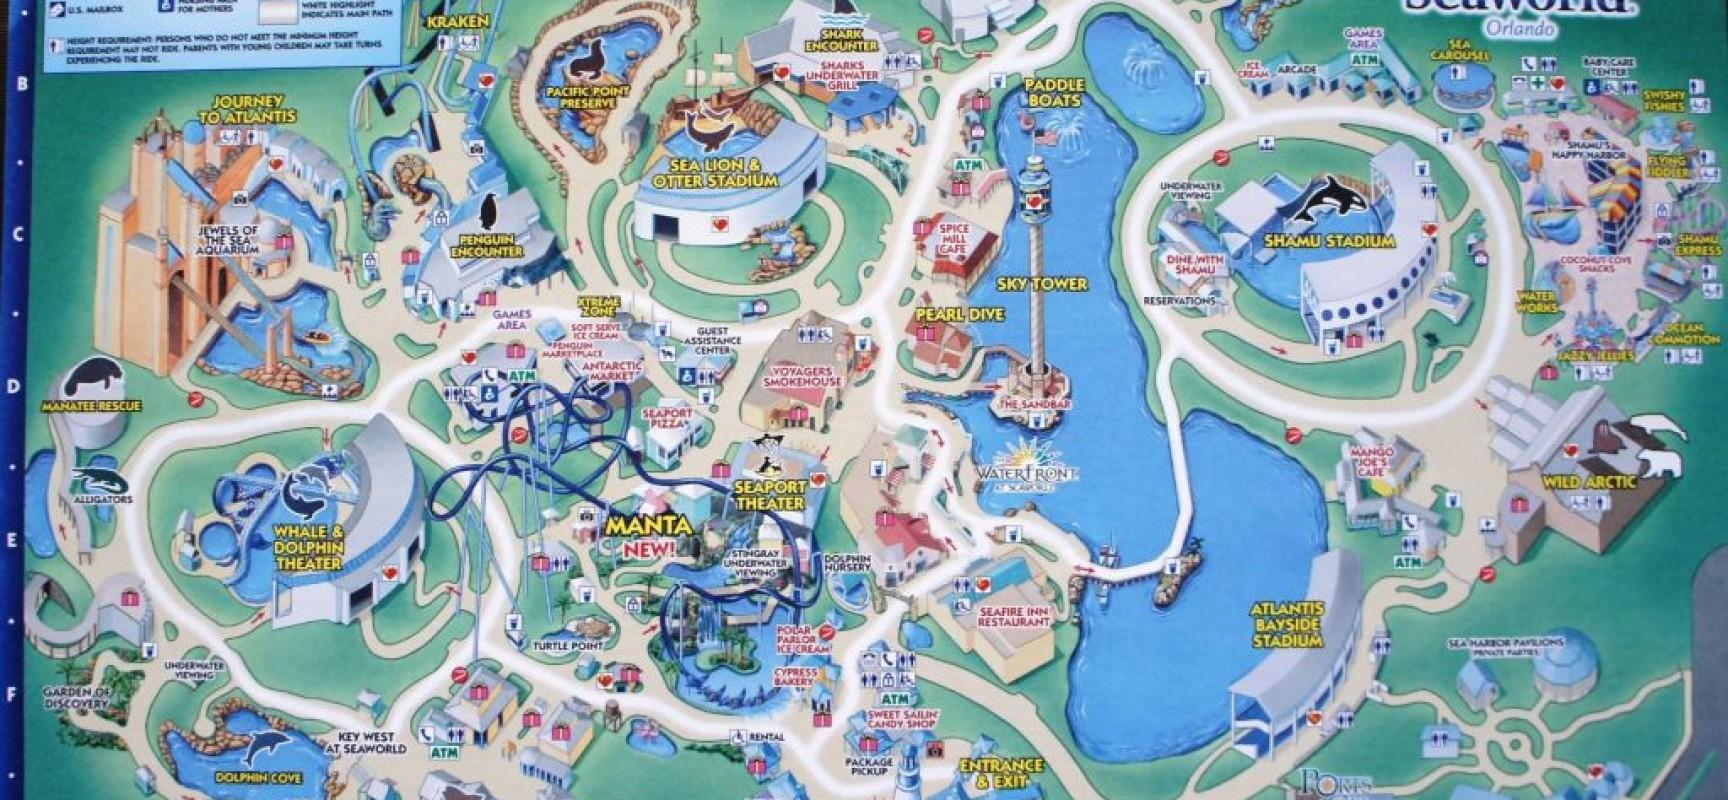 SeaWorld Orlando A Theme Park In Orlando, Florida | Travel ...